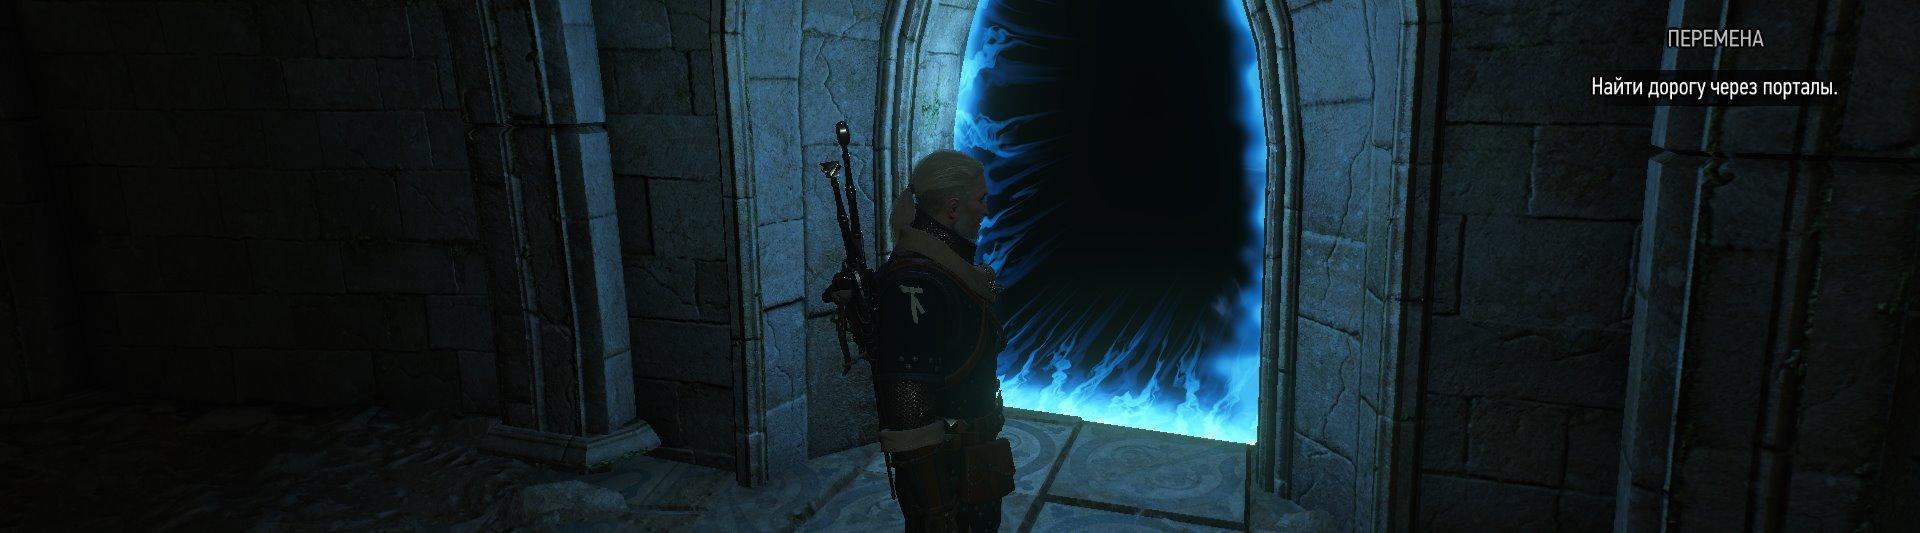 witcher3 в какой портал заходить